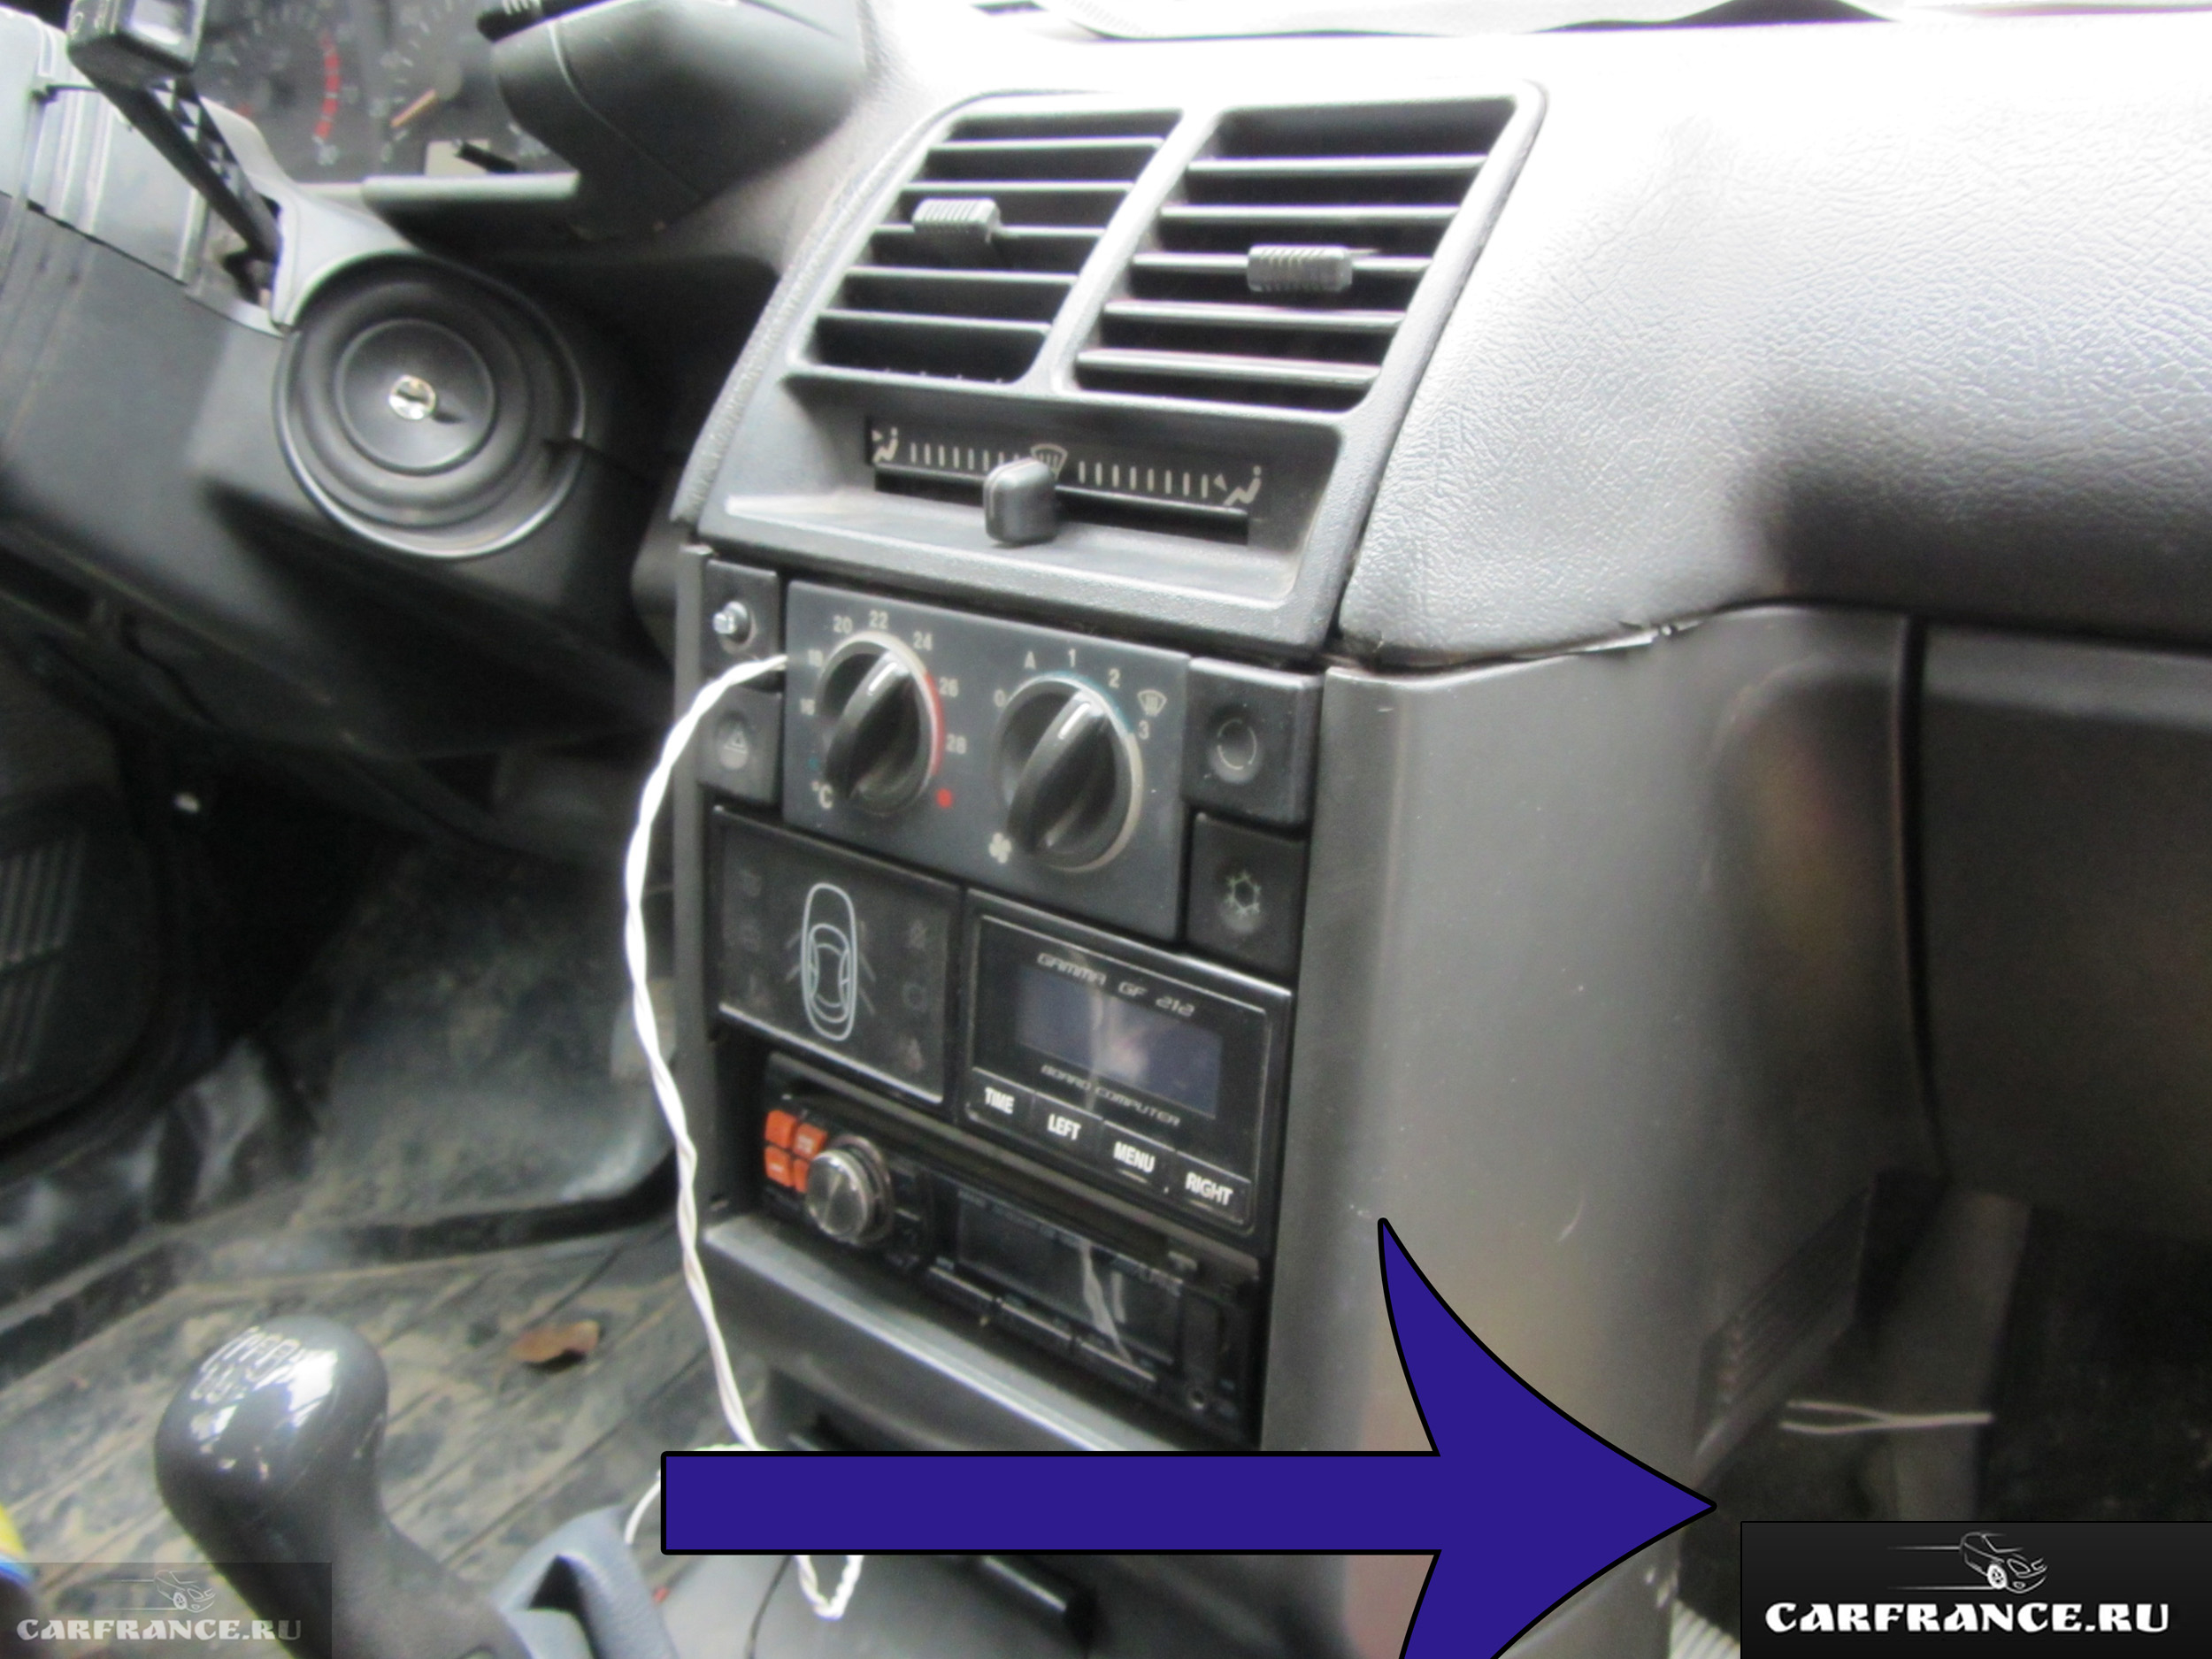 Ваз 2110 схема включения вентилятора фото 711